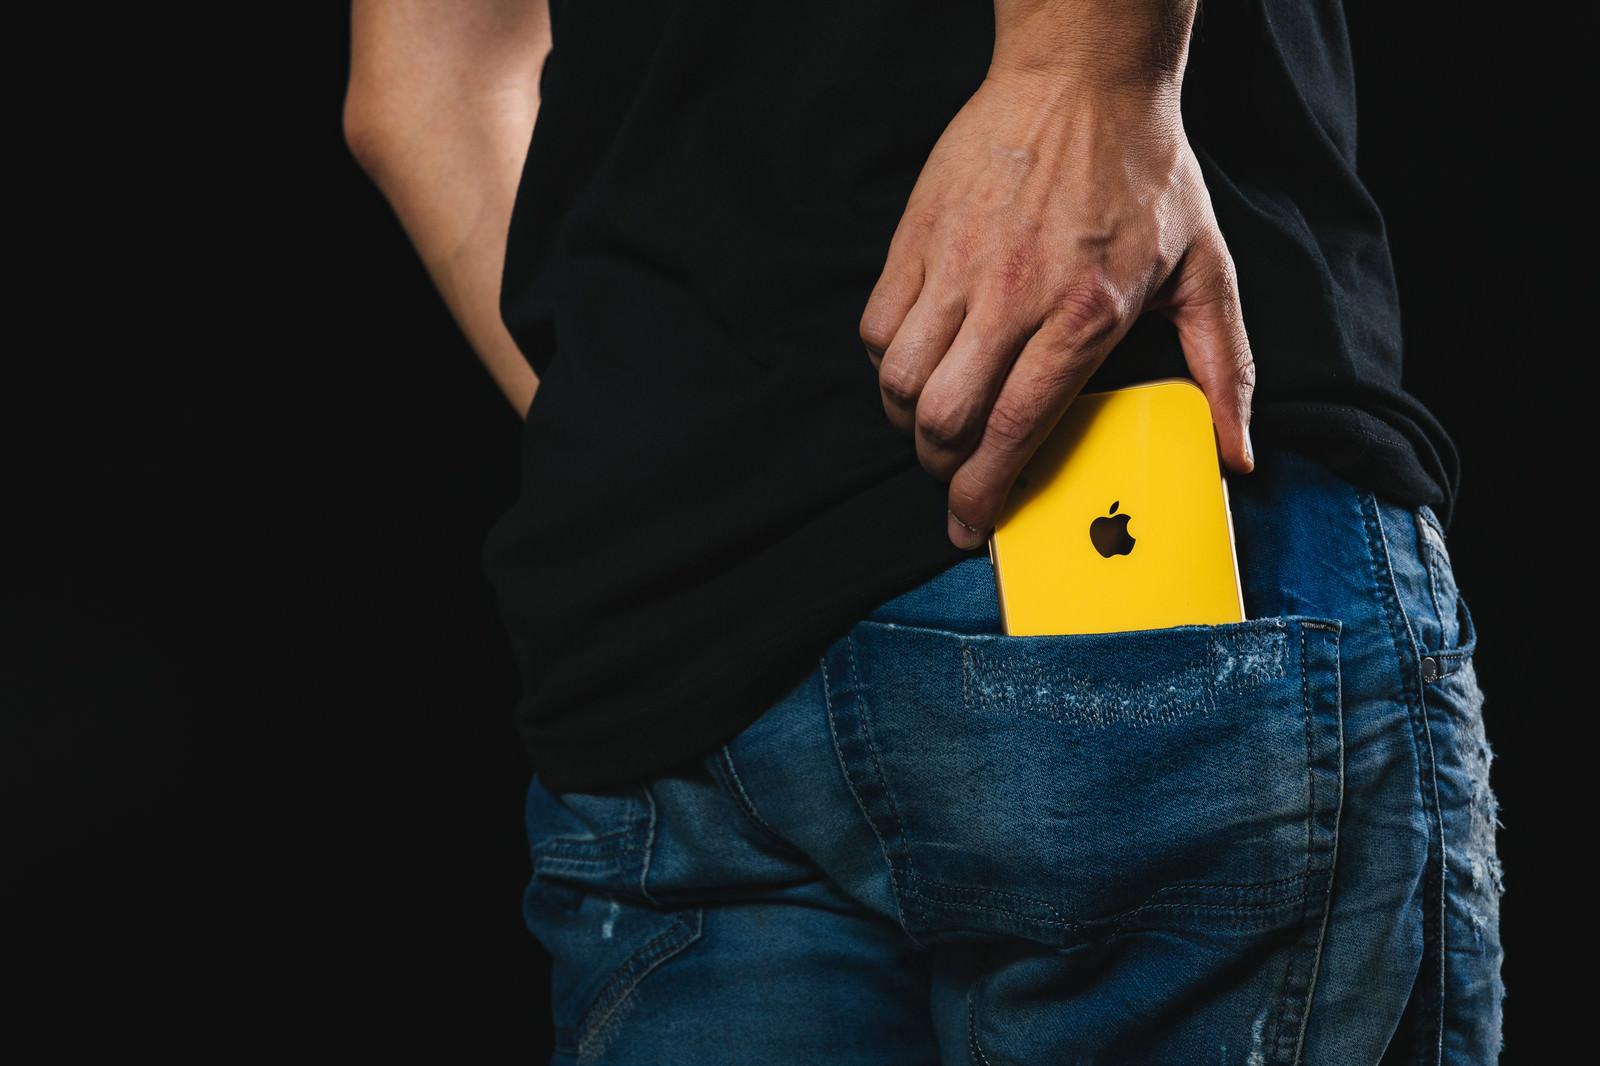 「後ろポッケから iPhoneXR を取り出す | 写真の無料素材・フリー素材 - ぱくたそ」の写真